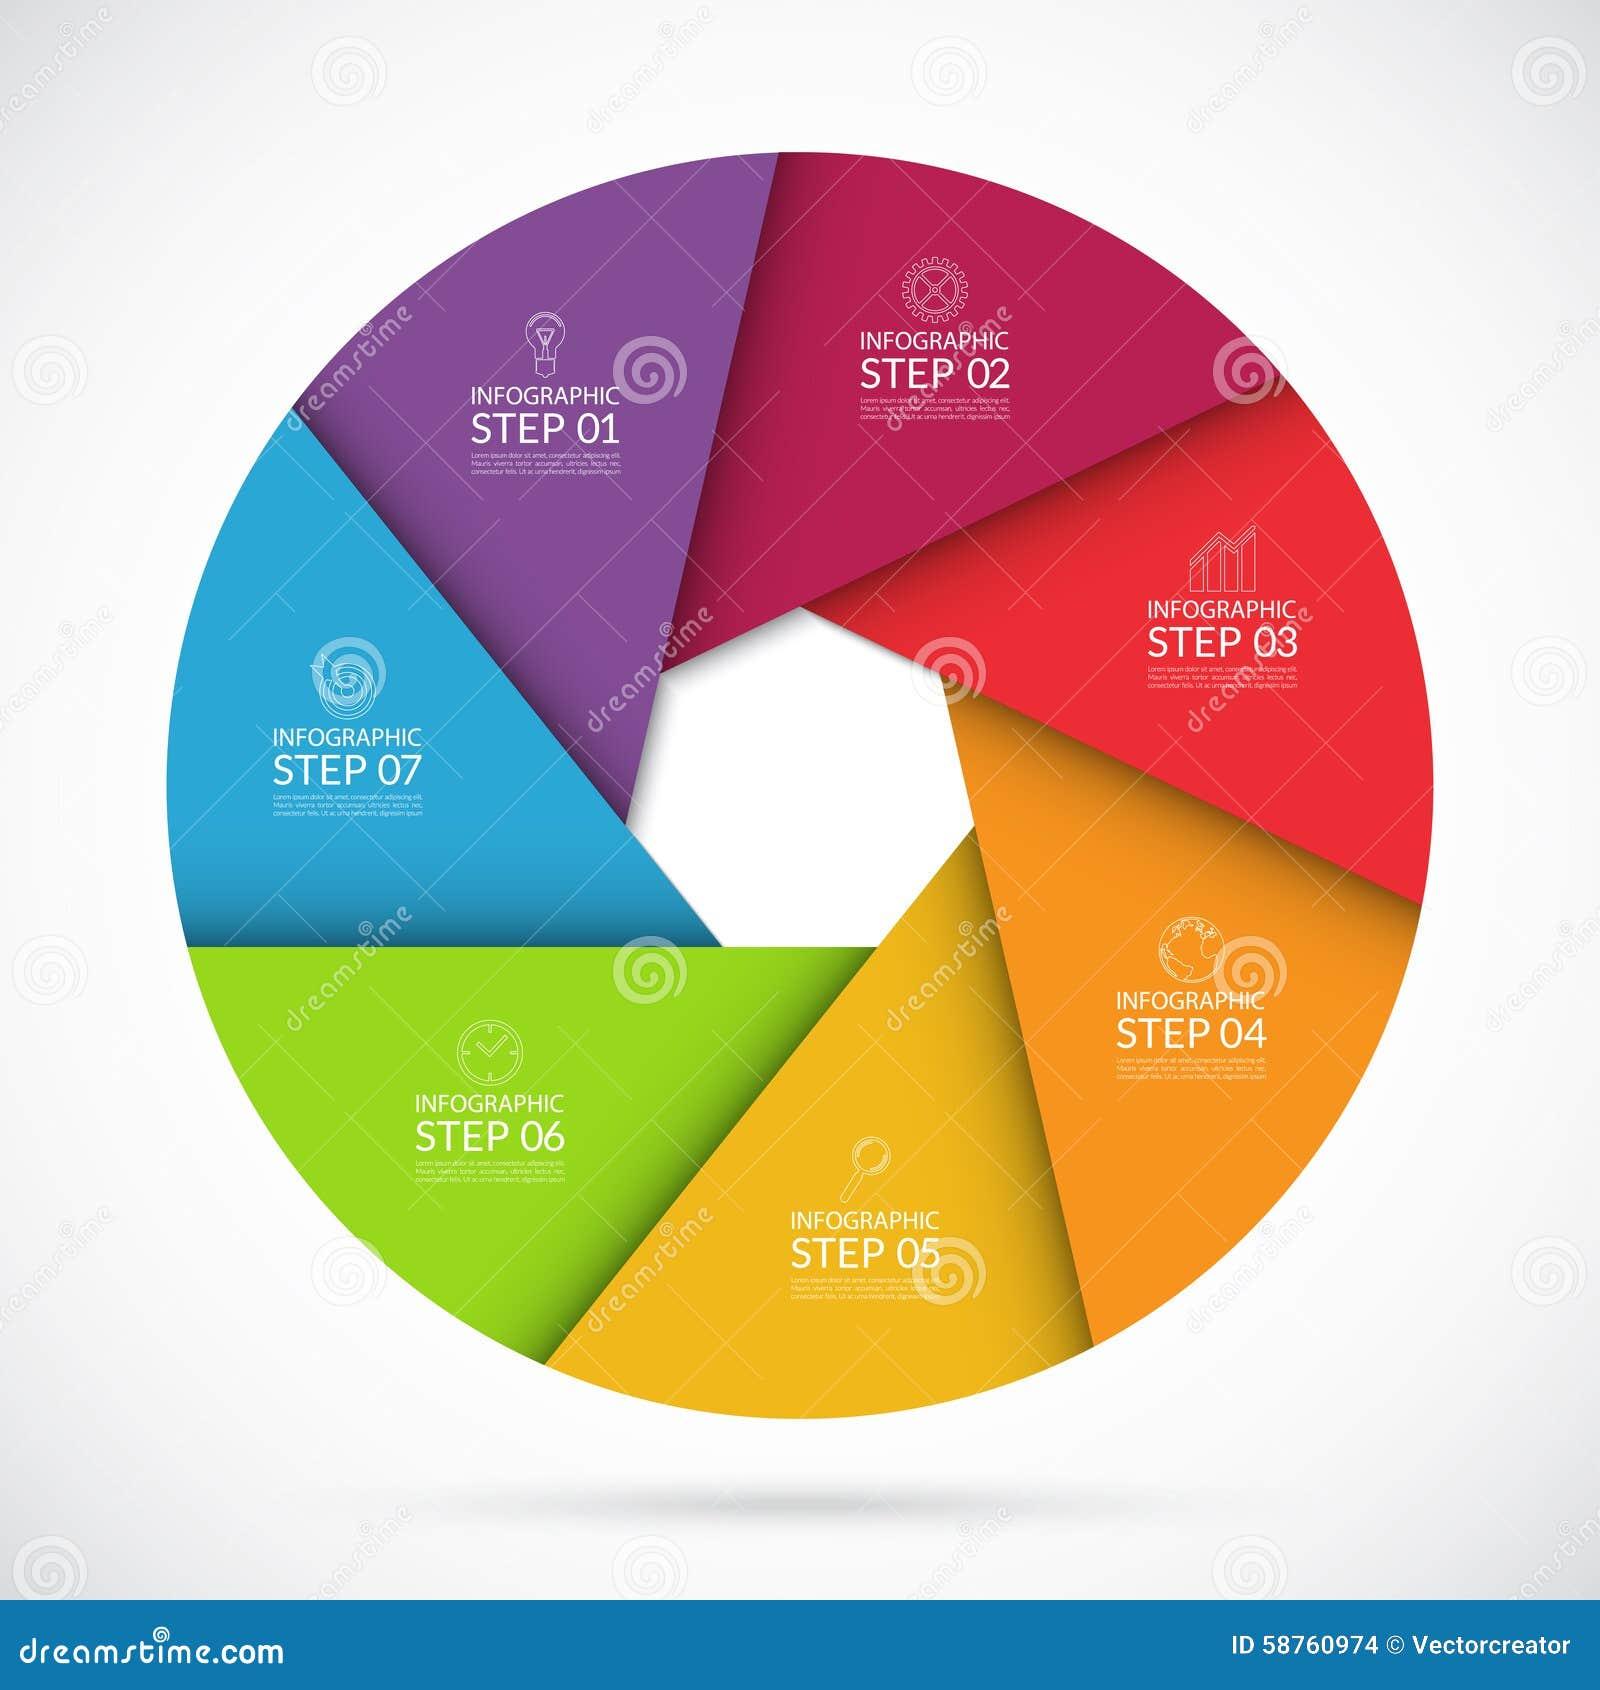 Molde infographic do crculo de 7 etapas no estilo material download molde infographic do crculo de 7 etapas no estilo material ilustrao do vetor ilustrao ccuart Image collections